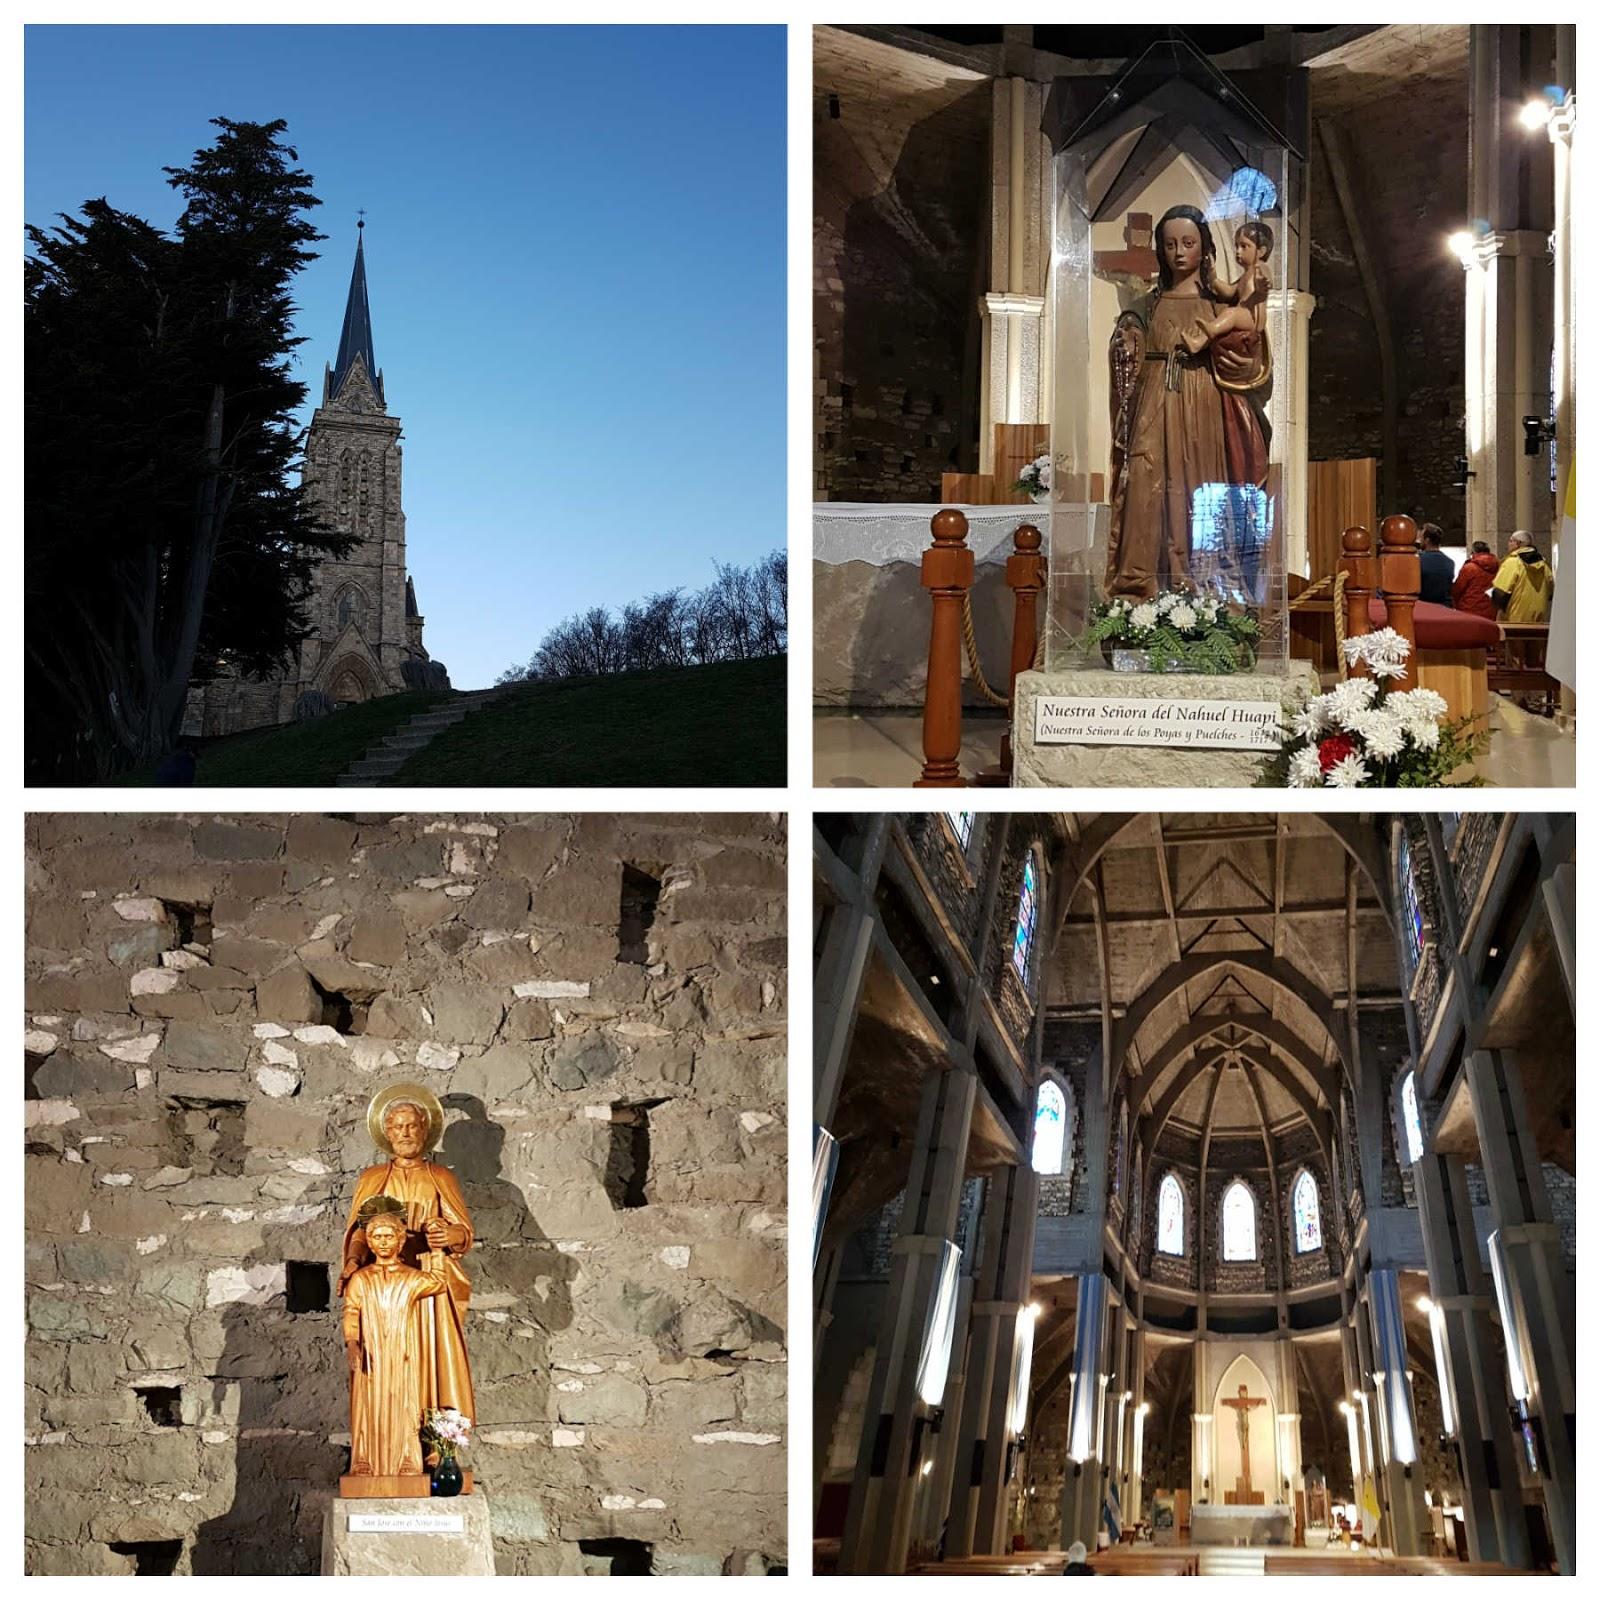 Catedral de Bariloche Nossa Senhora de Nahuel Huapi.